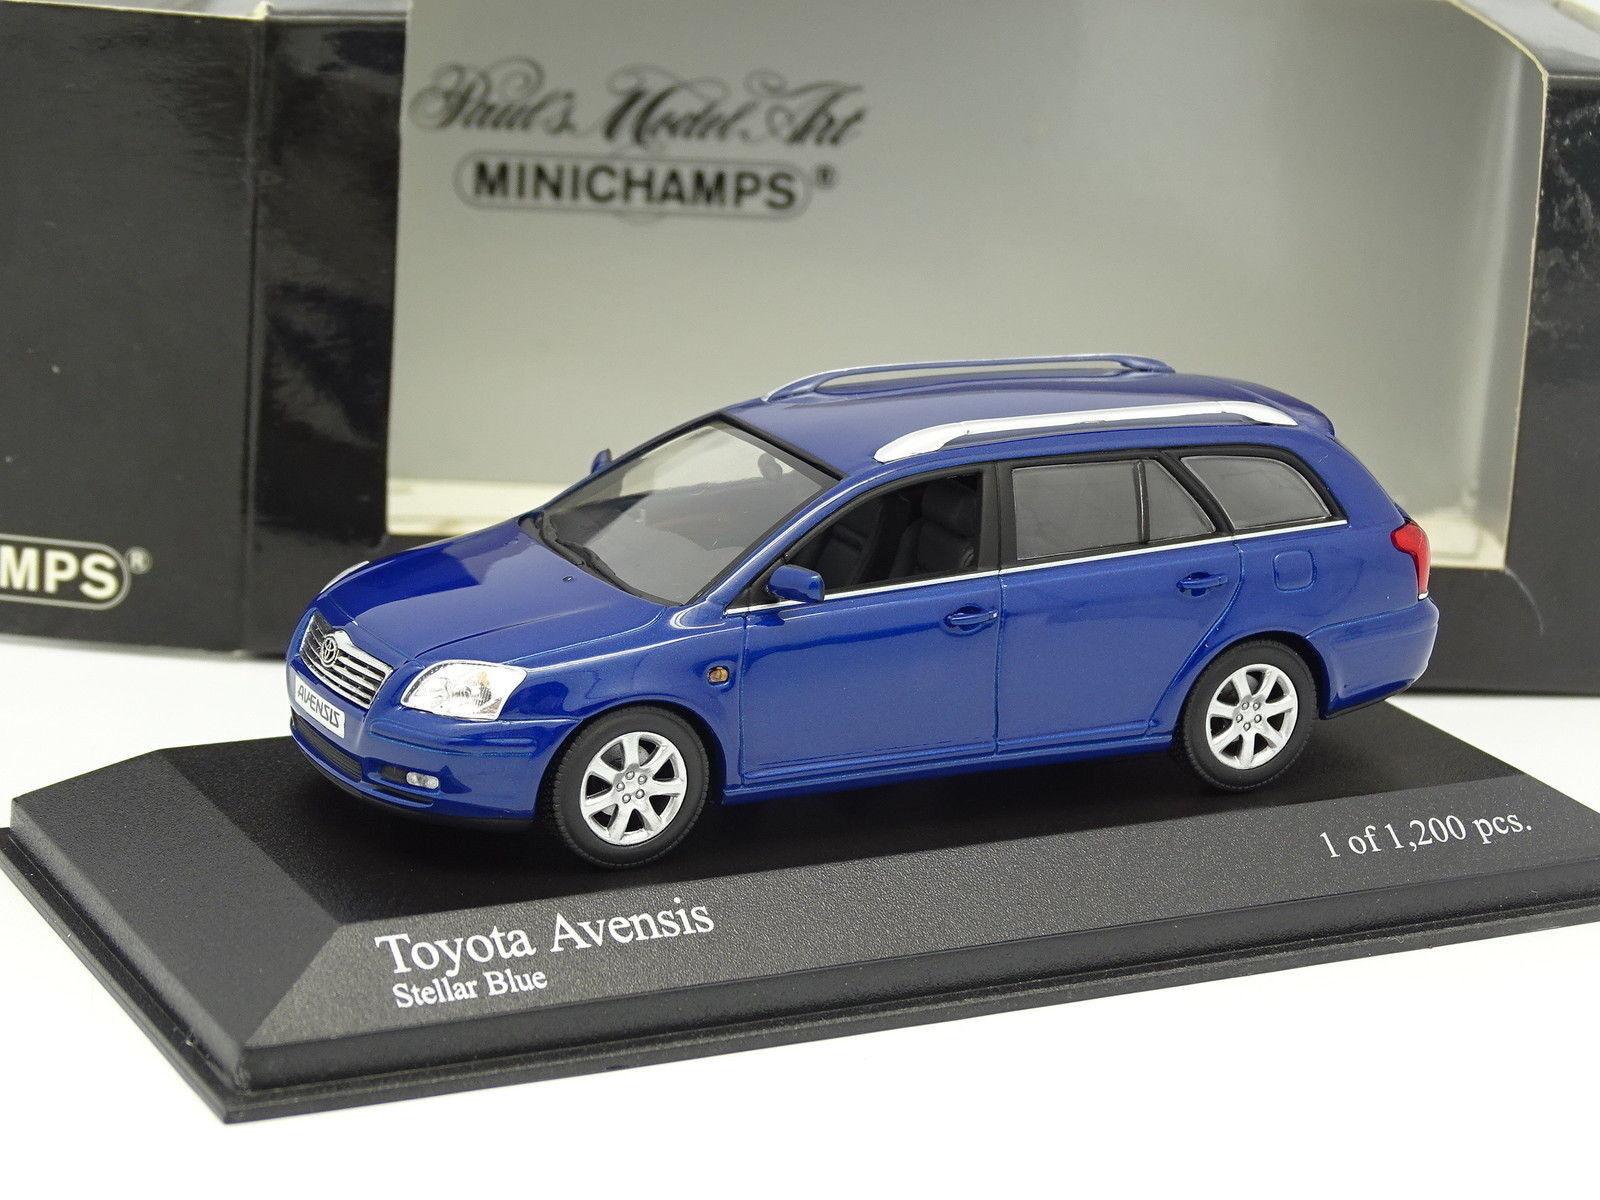 Minichamps 1 43 - Totota Avensis Break Bleue